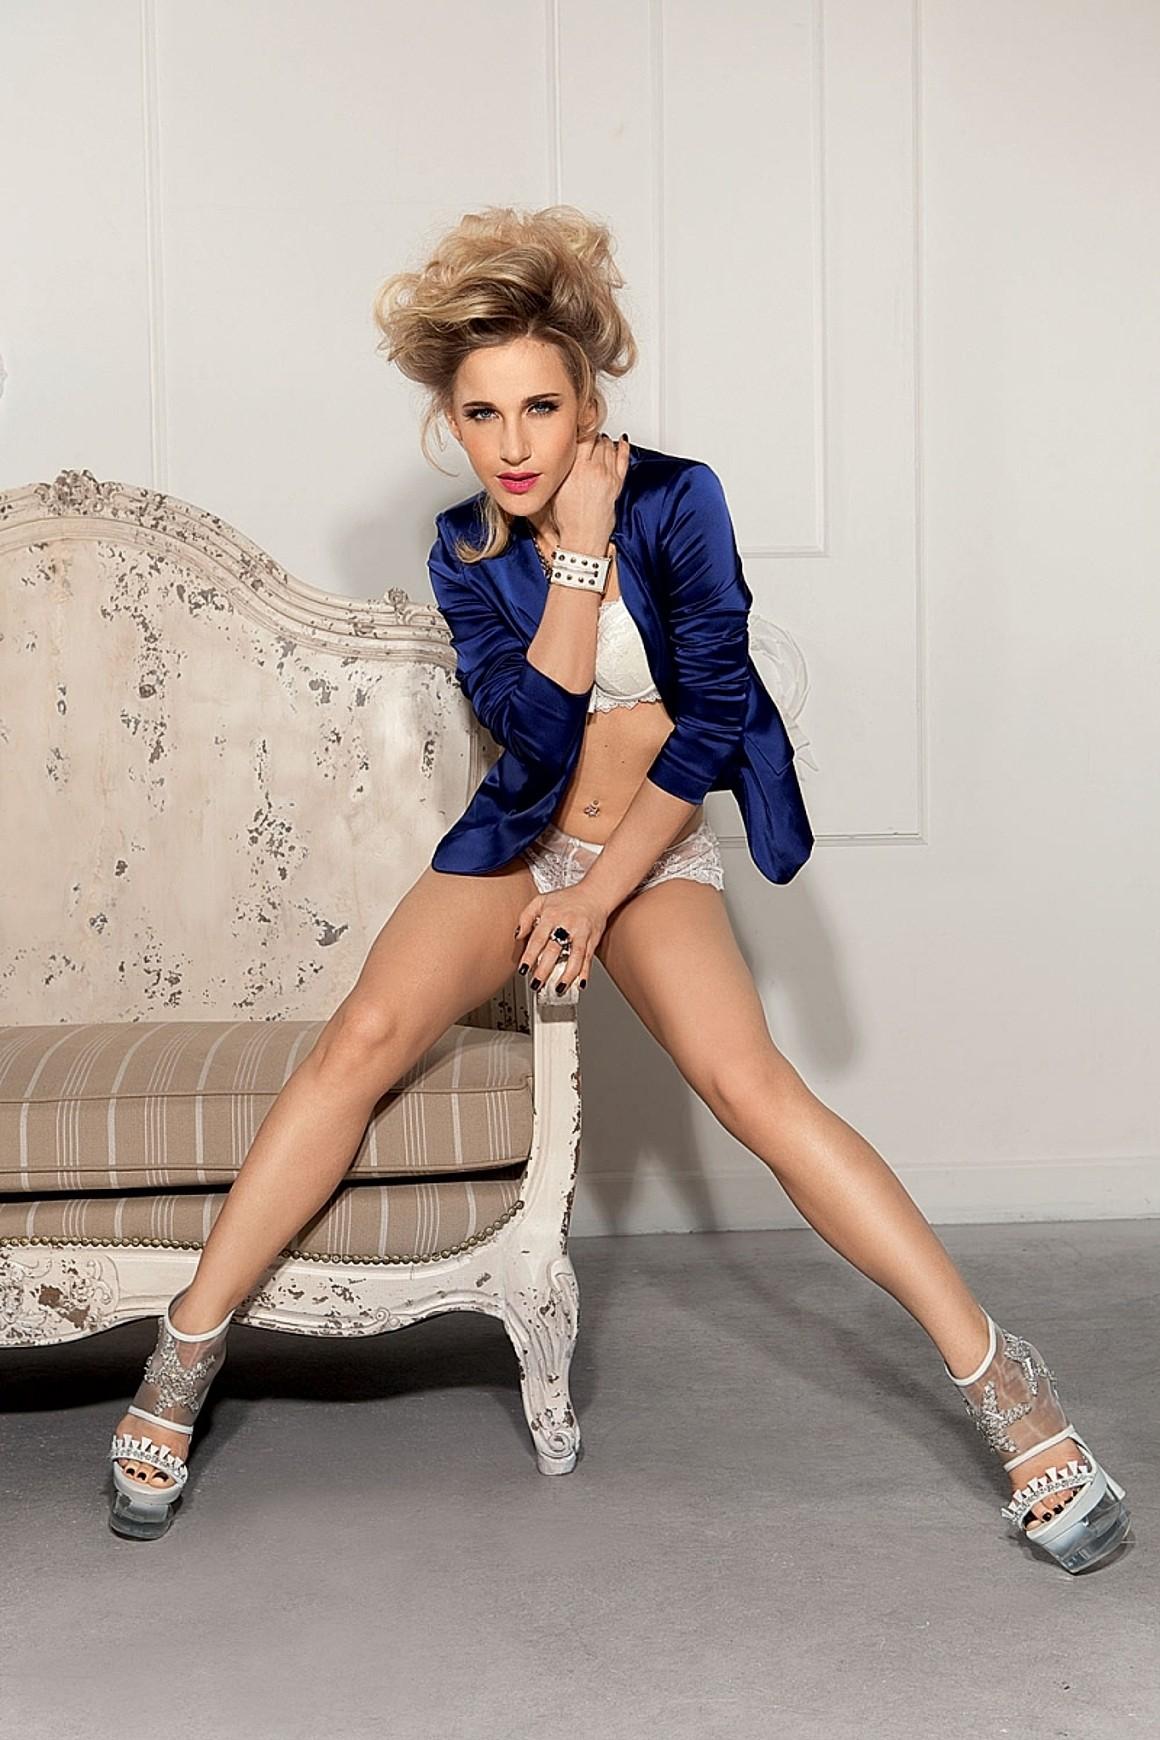 16.05.2012 - Обложку свежего номера журнала Playboy украсила